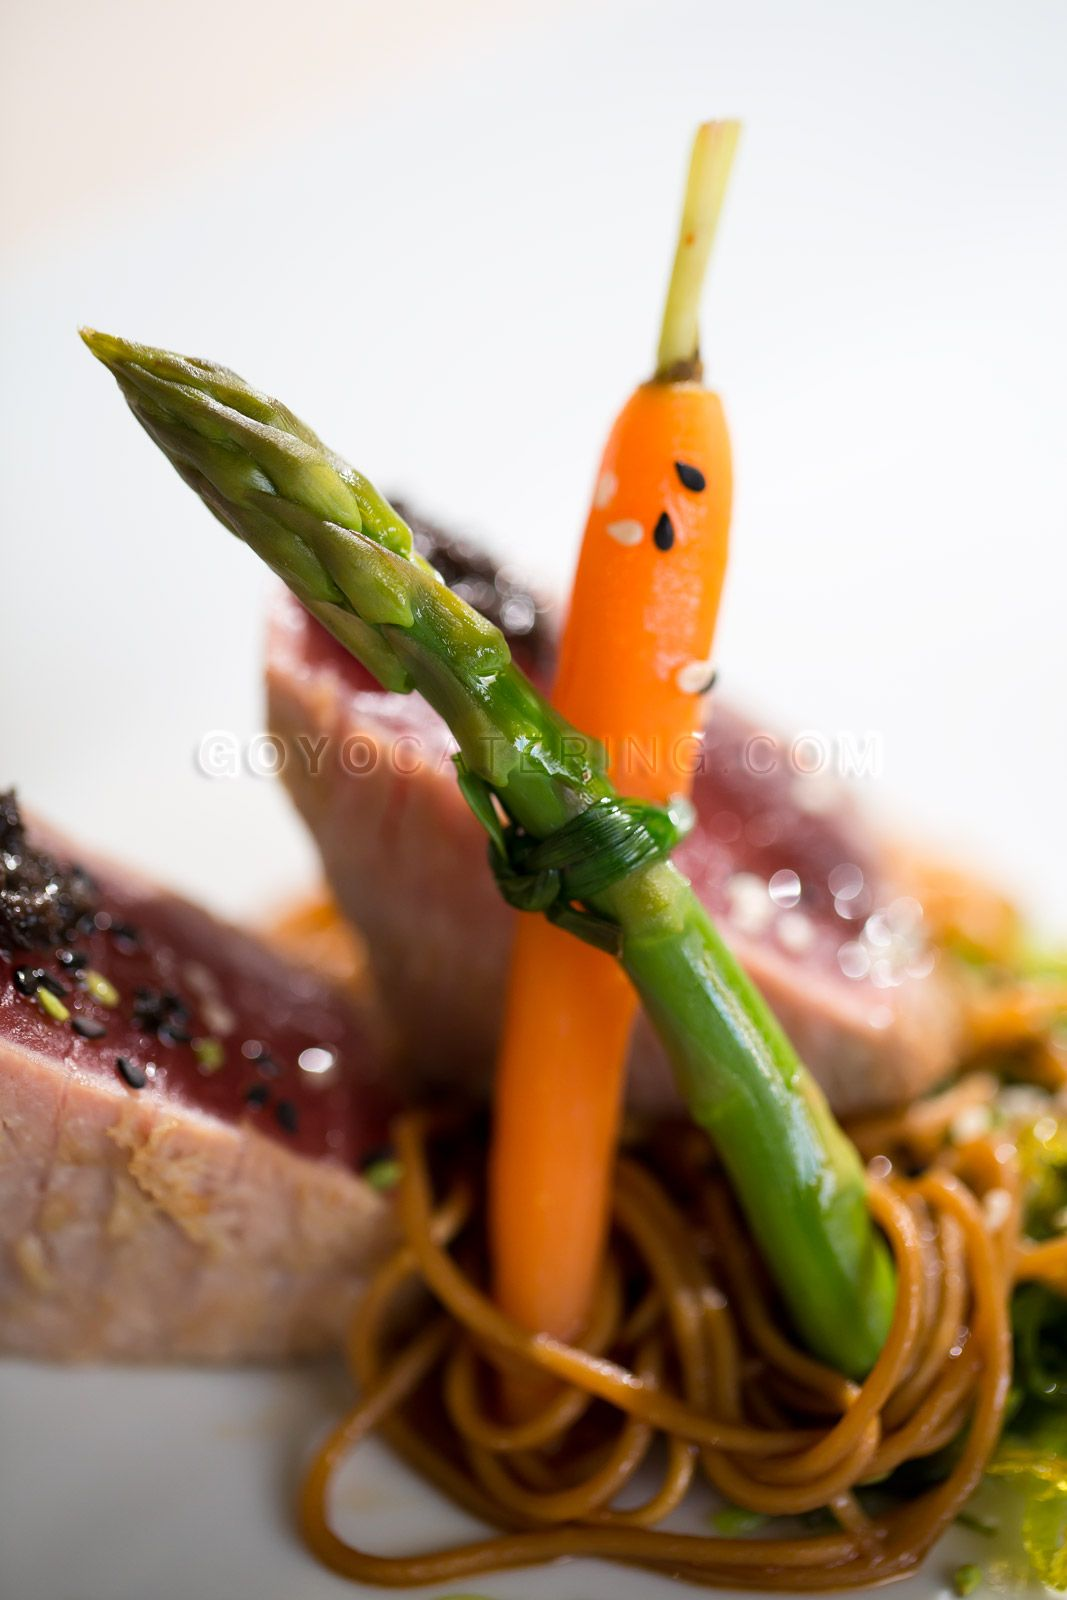 #Lazos gastronómicos. // Gastronomic #ties   Goyo #Catering (2014) #Marbella #Gastronomia #Gastronomy #Verduras